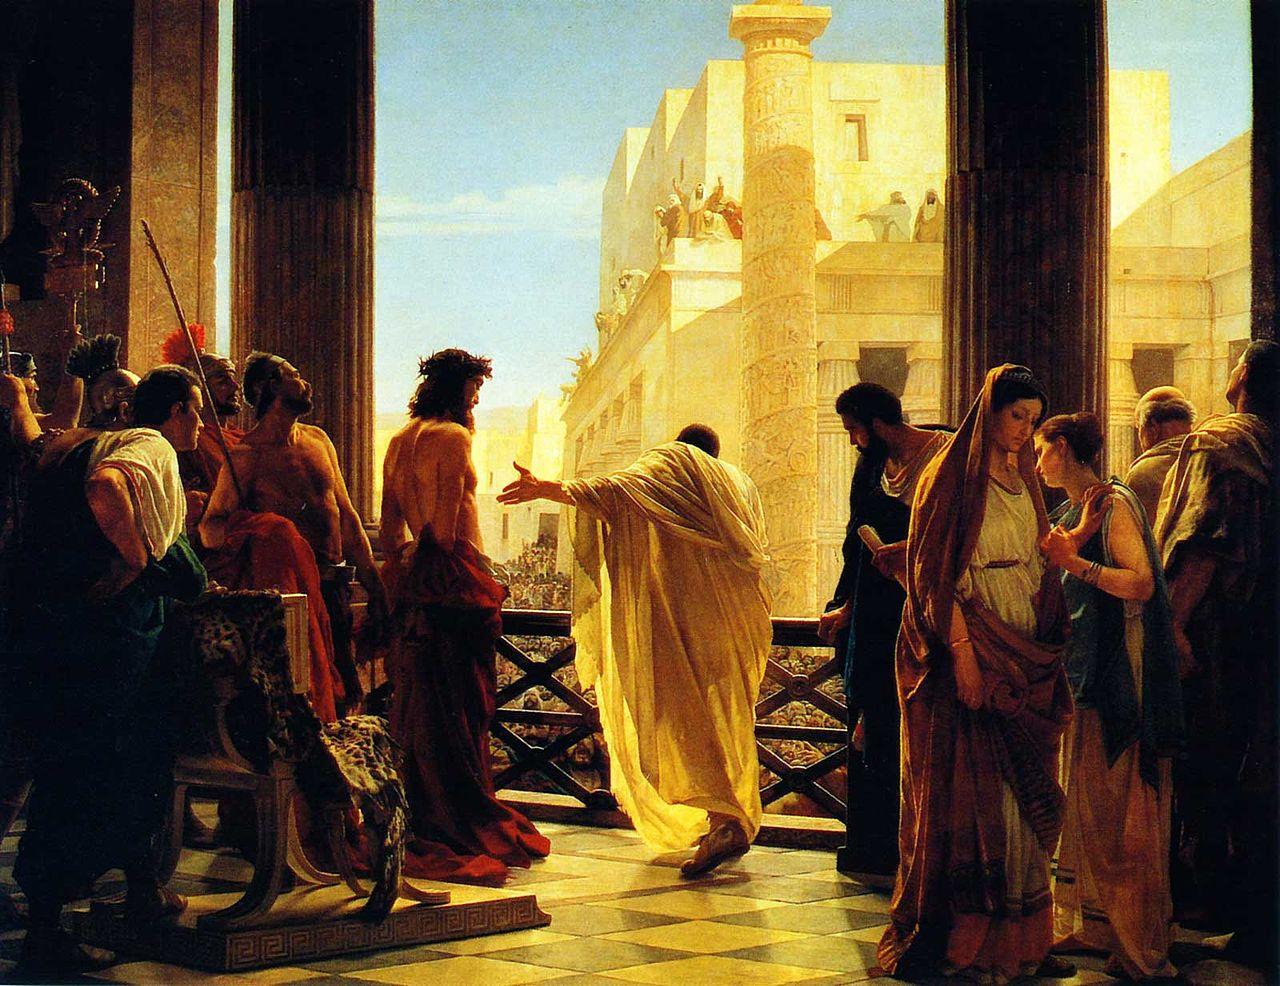 Ce a spus Iisus înainte să moară pe cruce. Ce semnifică vorbele Mântuitorului